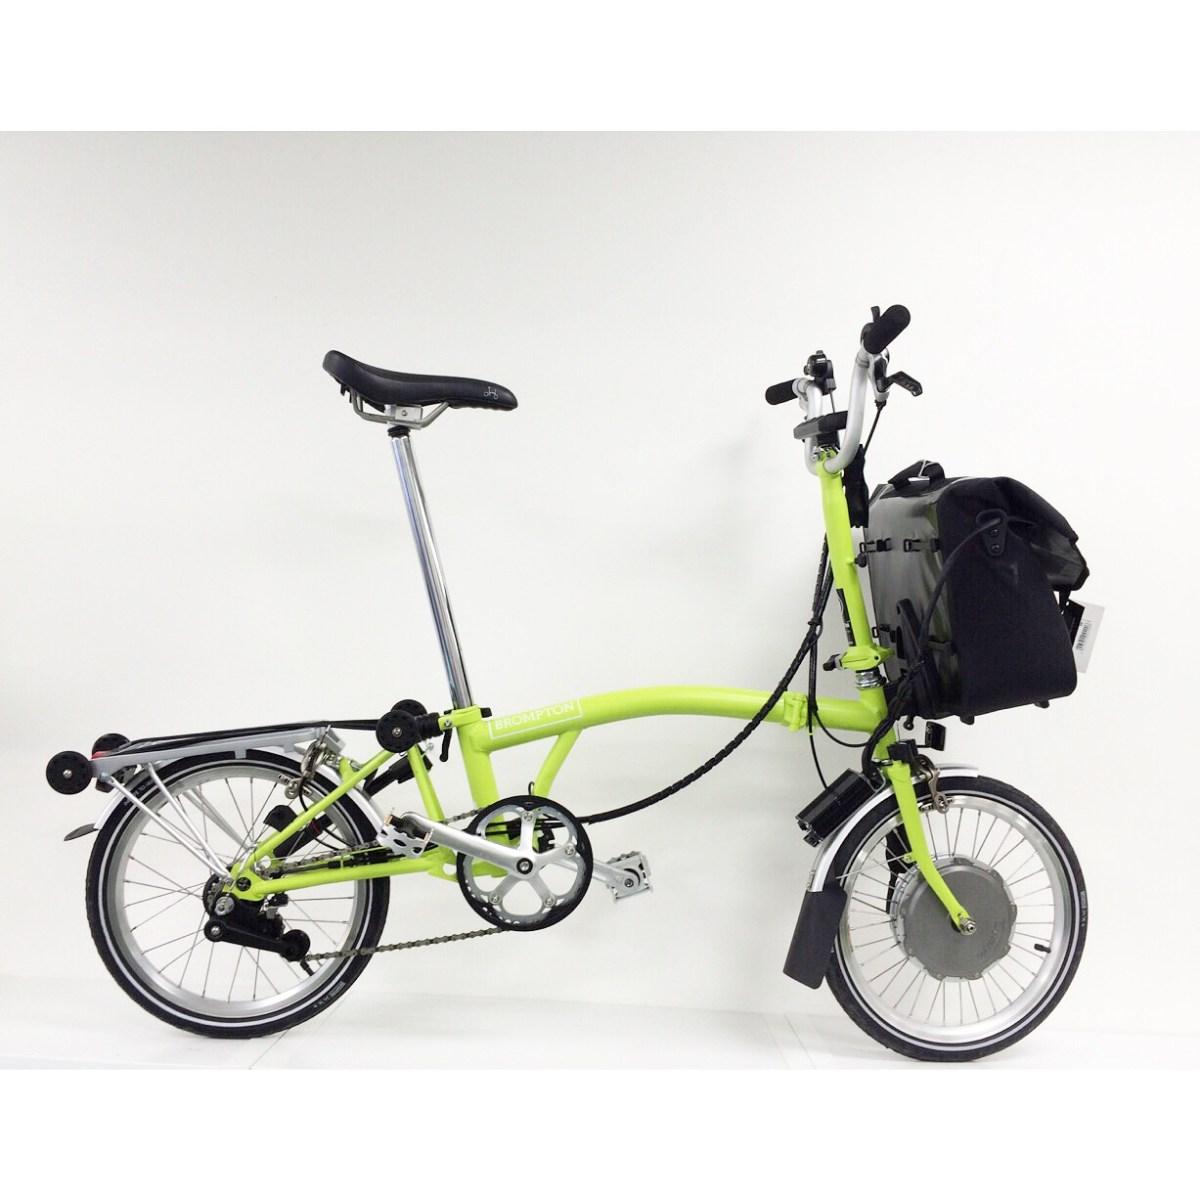 Brompton Folding Bike For Sale Canada